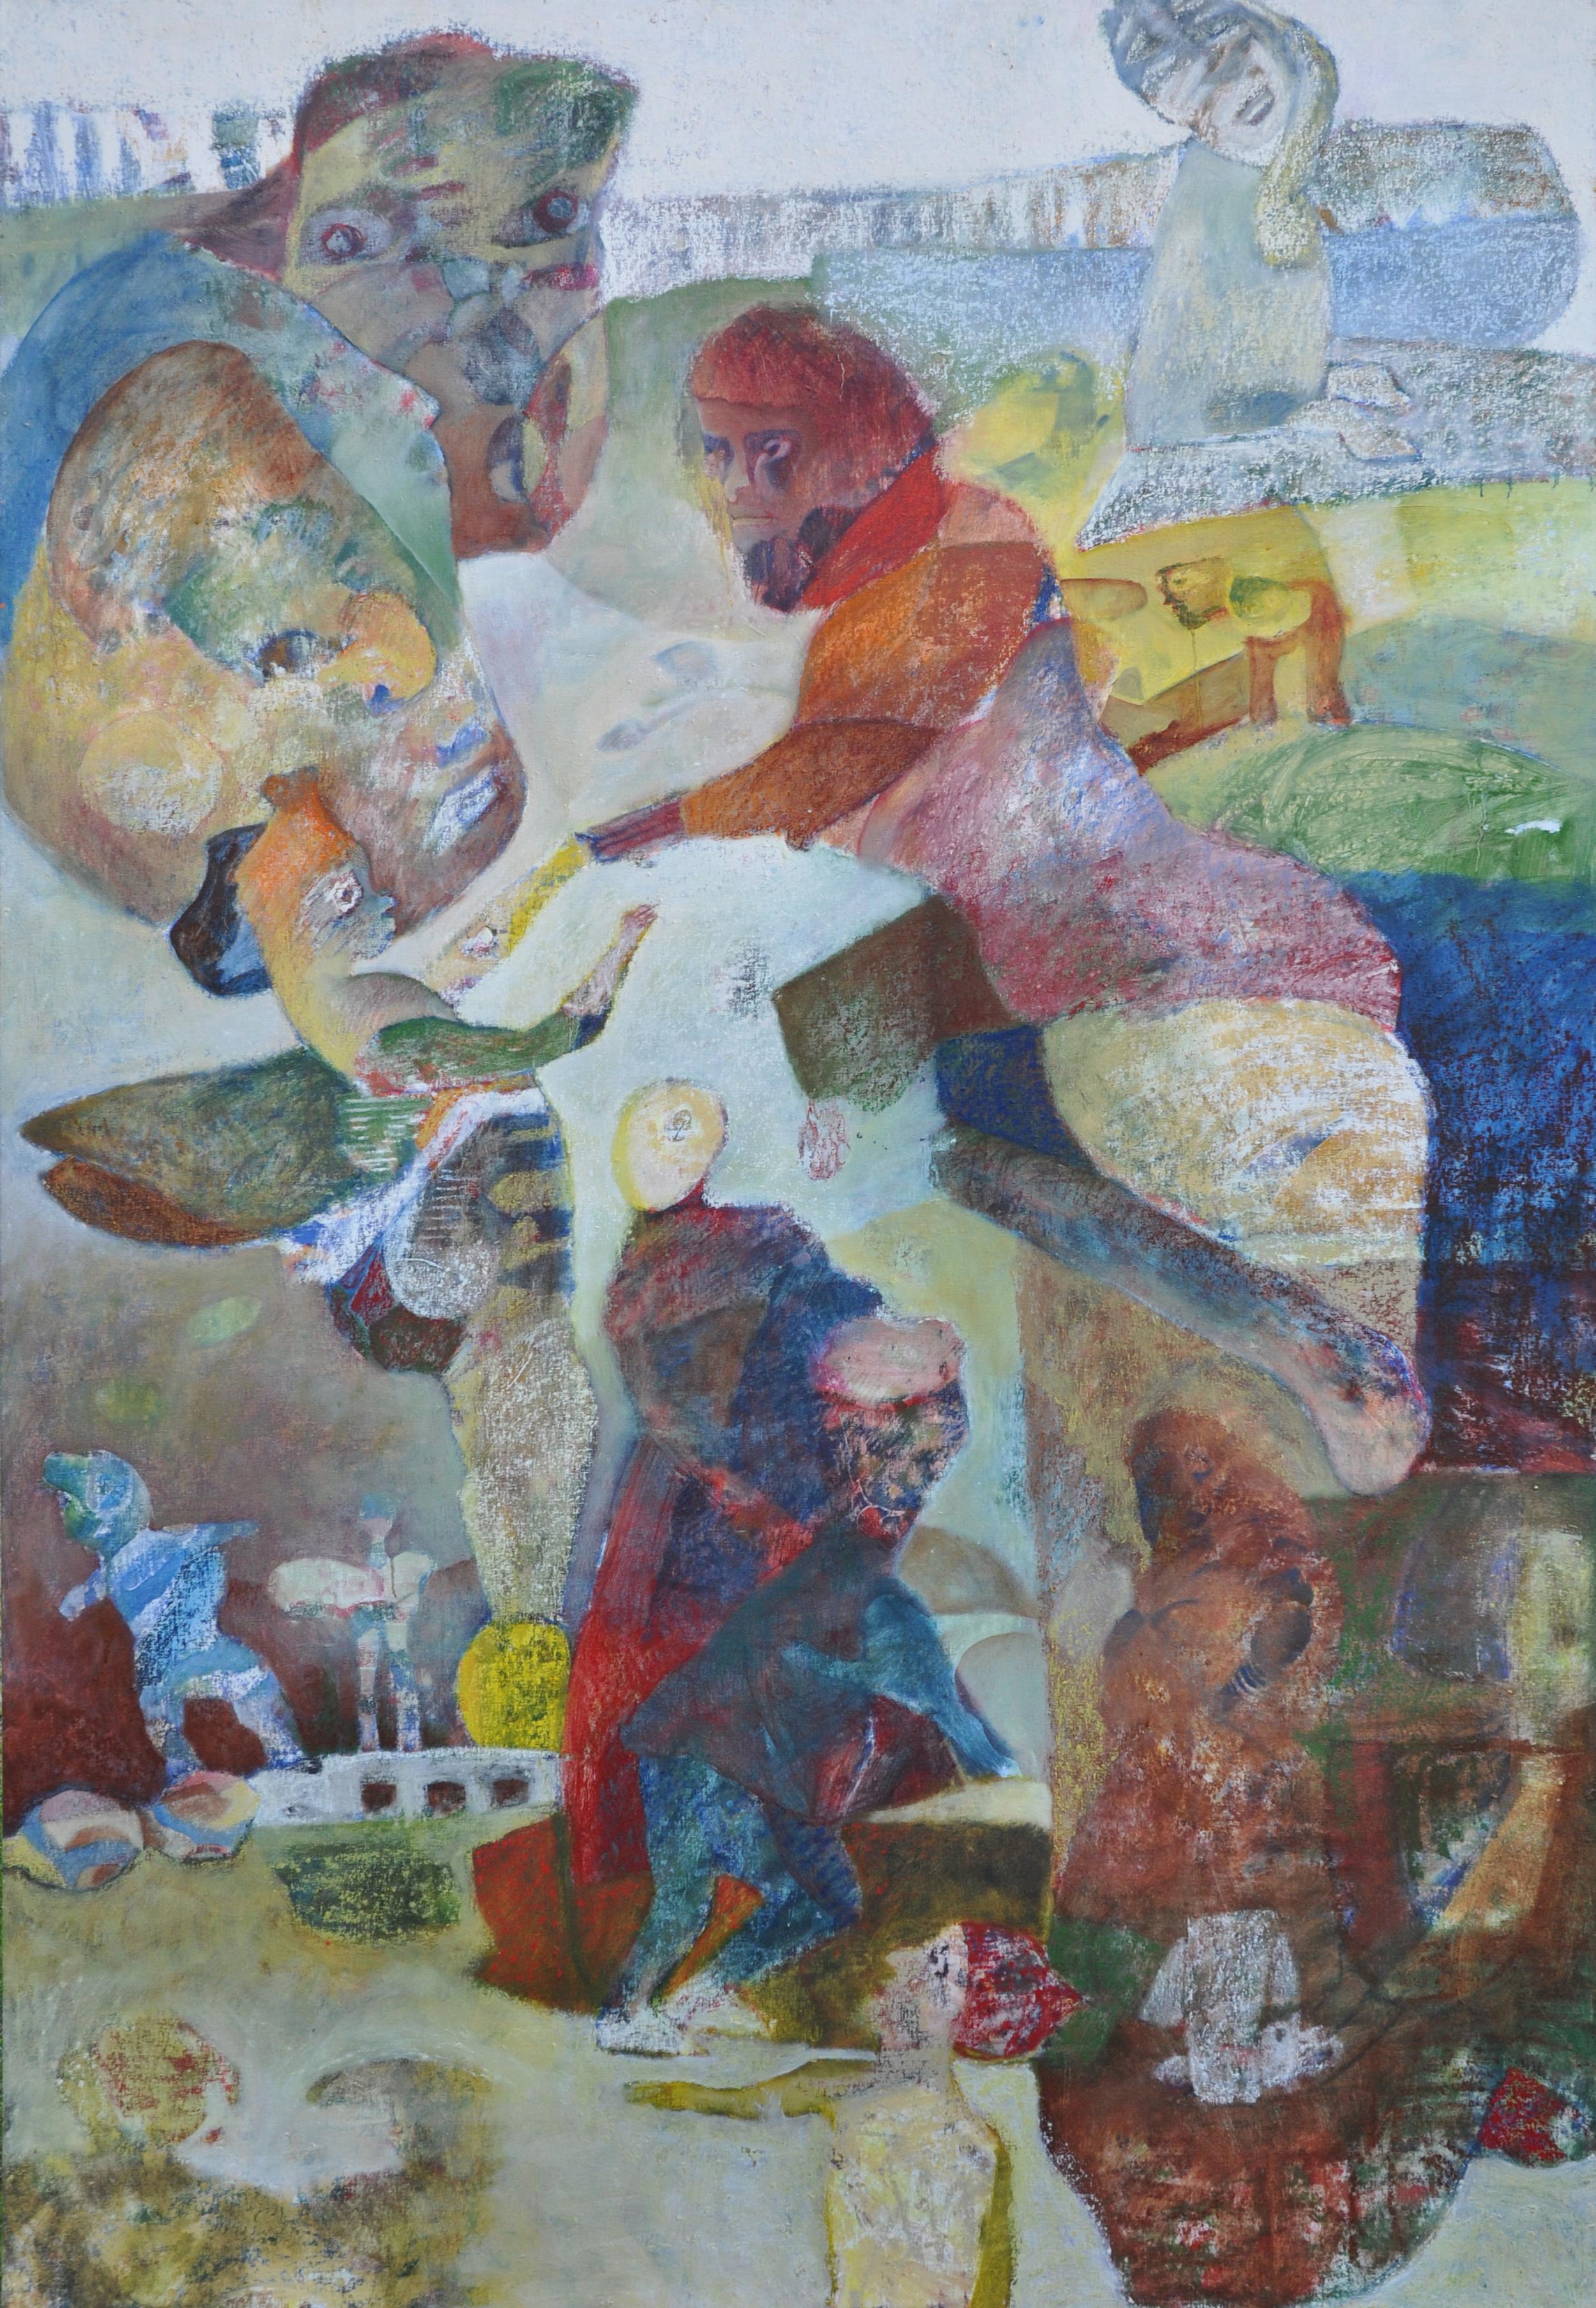 Budbringeren, oil on canvas, 239x153cm